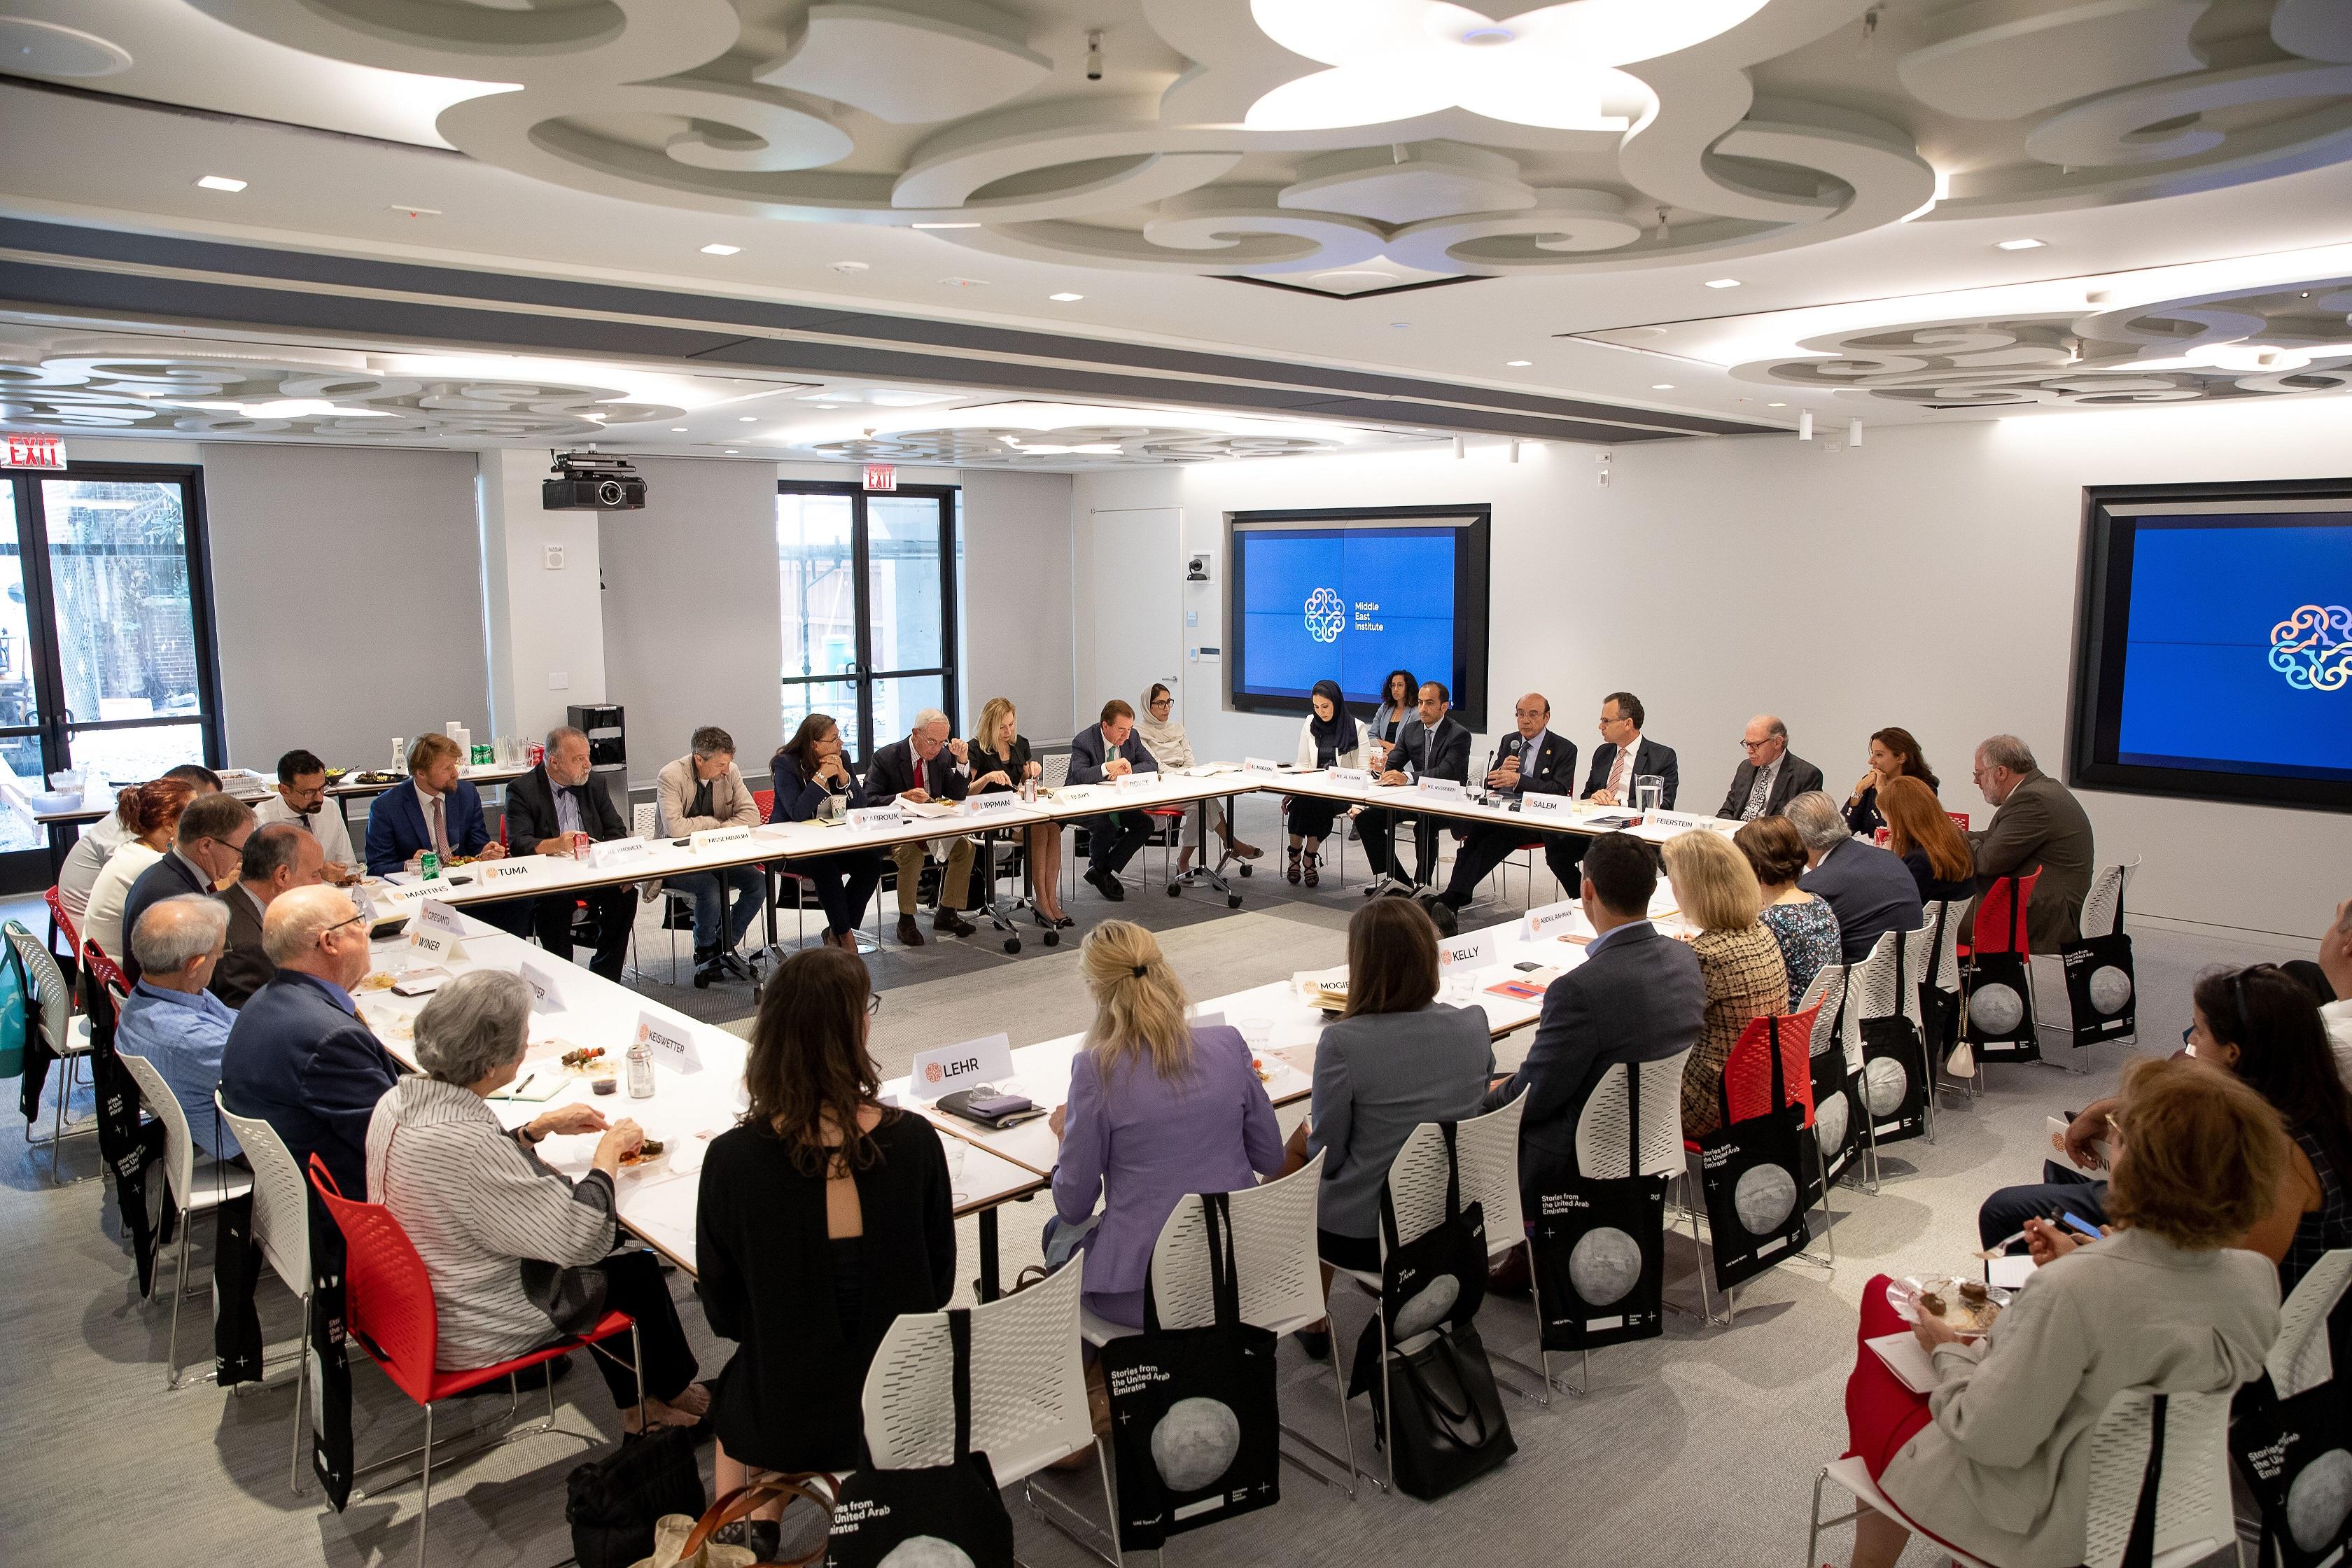 زكي نسيبة : الدبلوماسية الثقافية للامارات خلقت أدوات جديدة لإنشاء شراكات عالمية طويلة الأمد